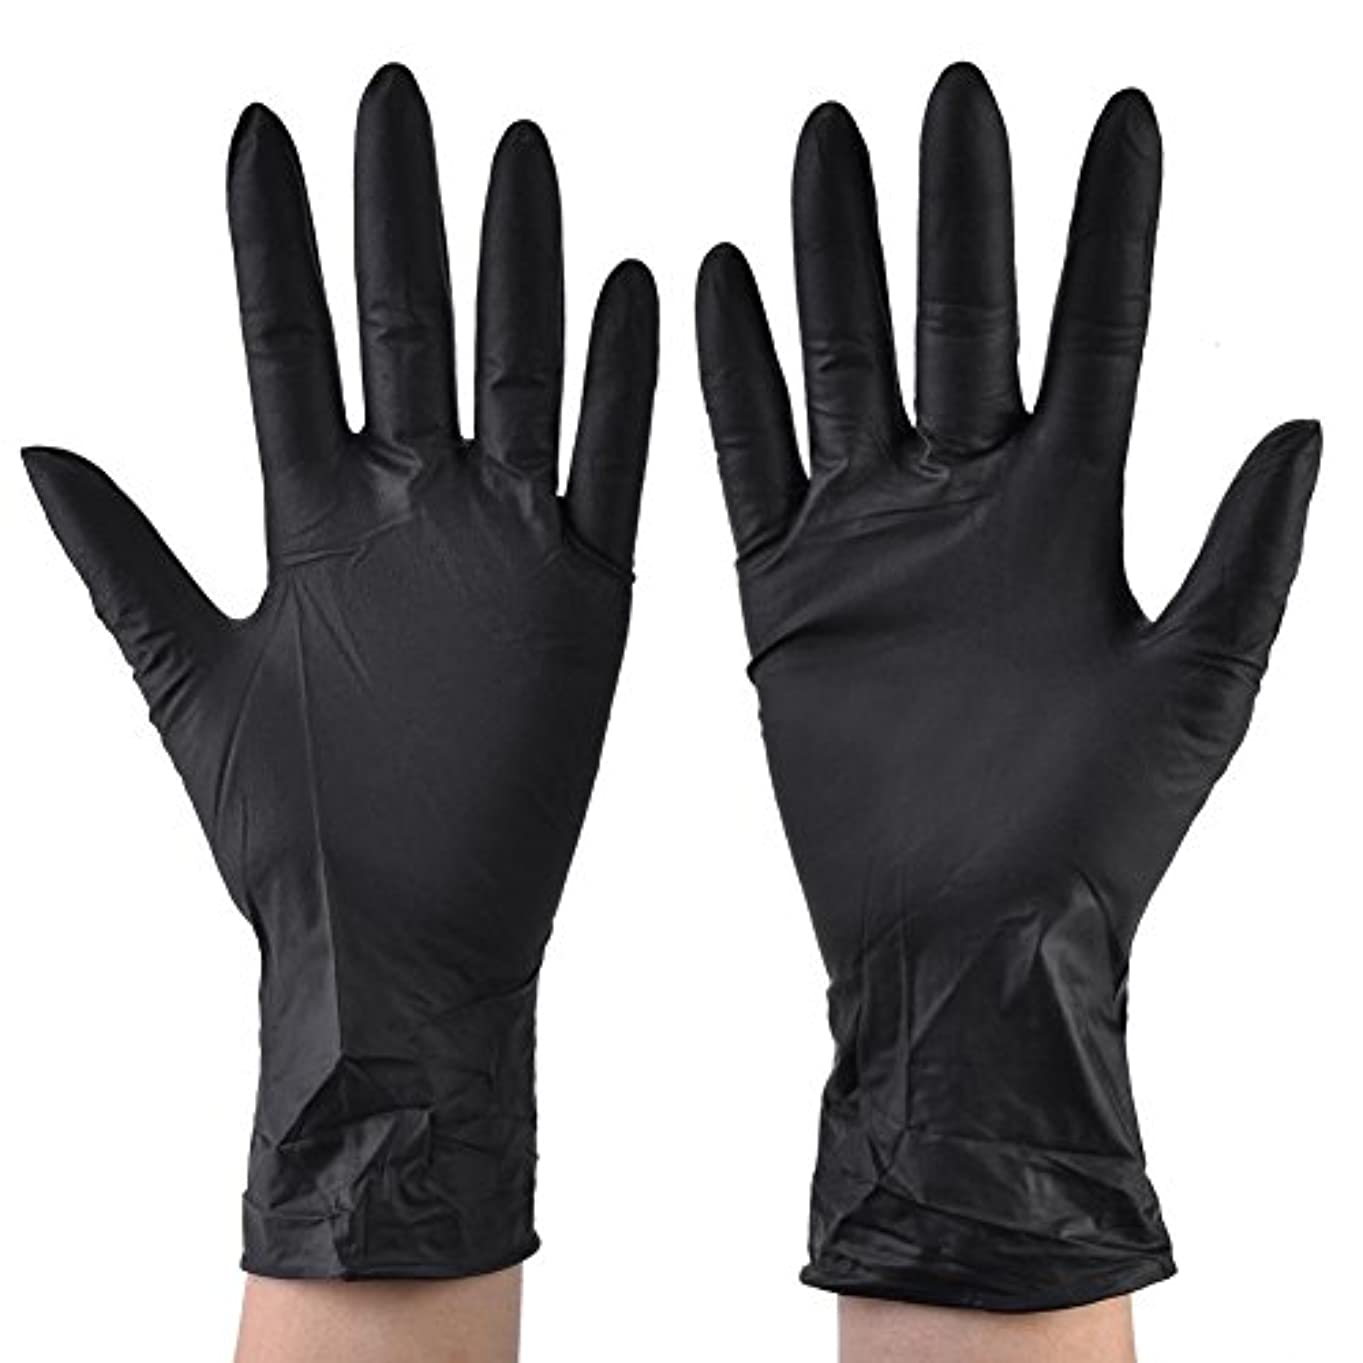 端末ハーブエンドウ使い捨て手袋 ニトリルグローブ ホワイト 粉なし 工業用/医療用/理美容用/レストラン用 M/L選択可 100枚 左右兼用 作業手袋(M)